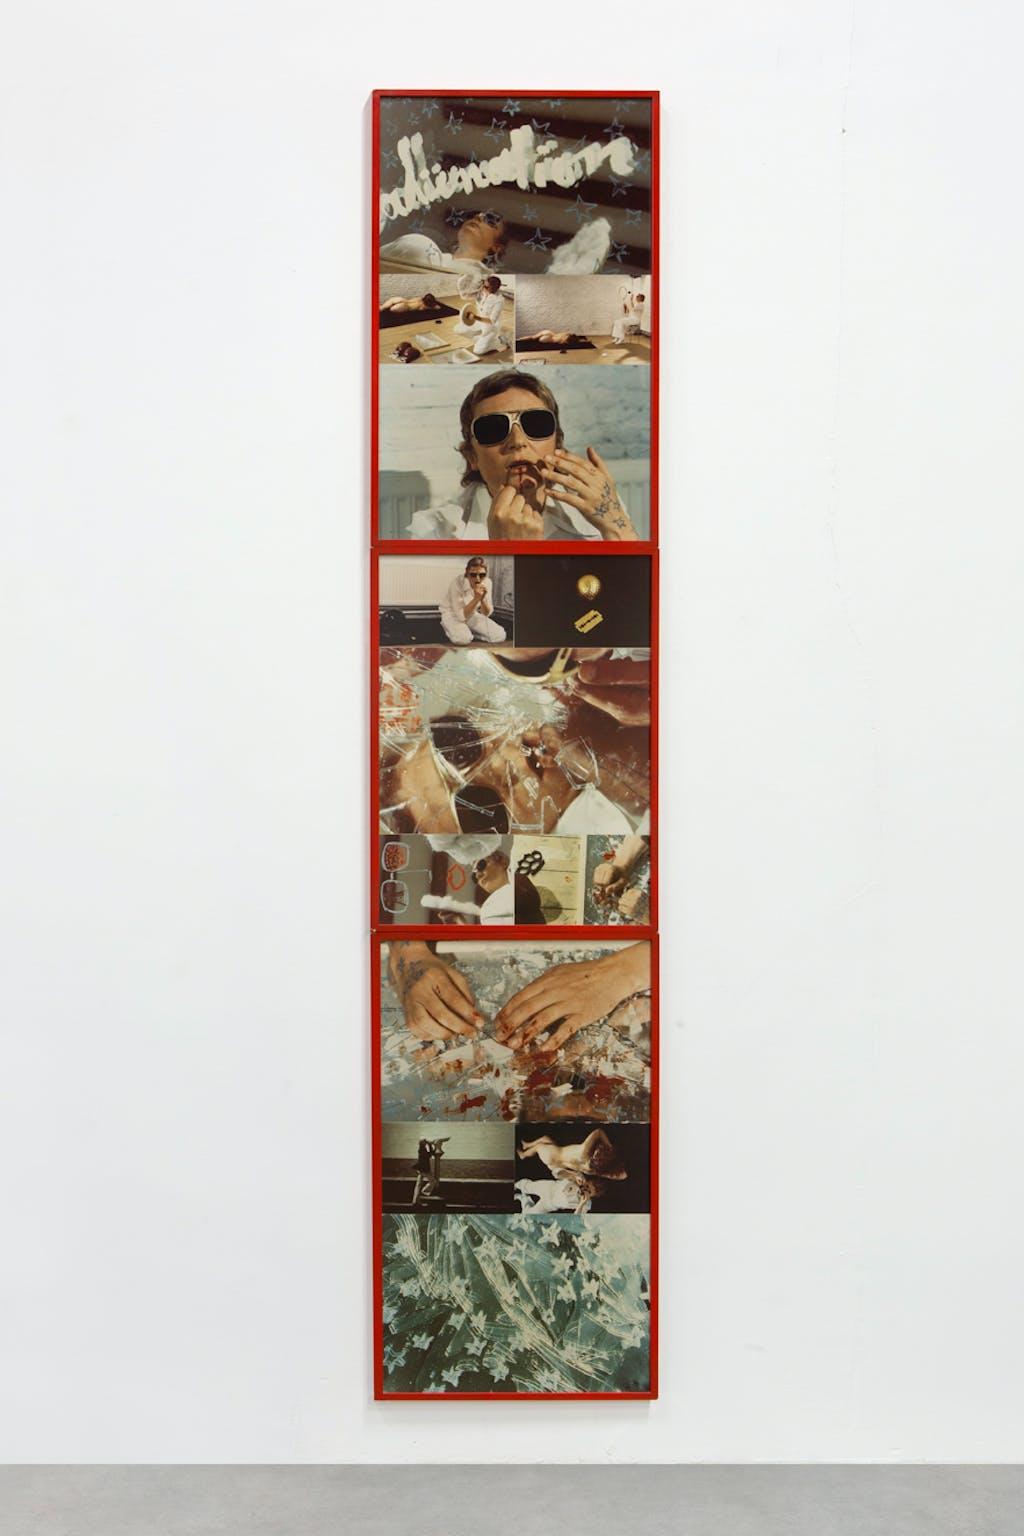 Discours mou et mat, 1975 Constat de l'action réalisée à la galerie De Appel à Amsterdam - © kamel mennour